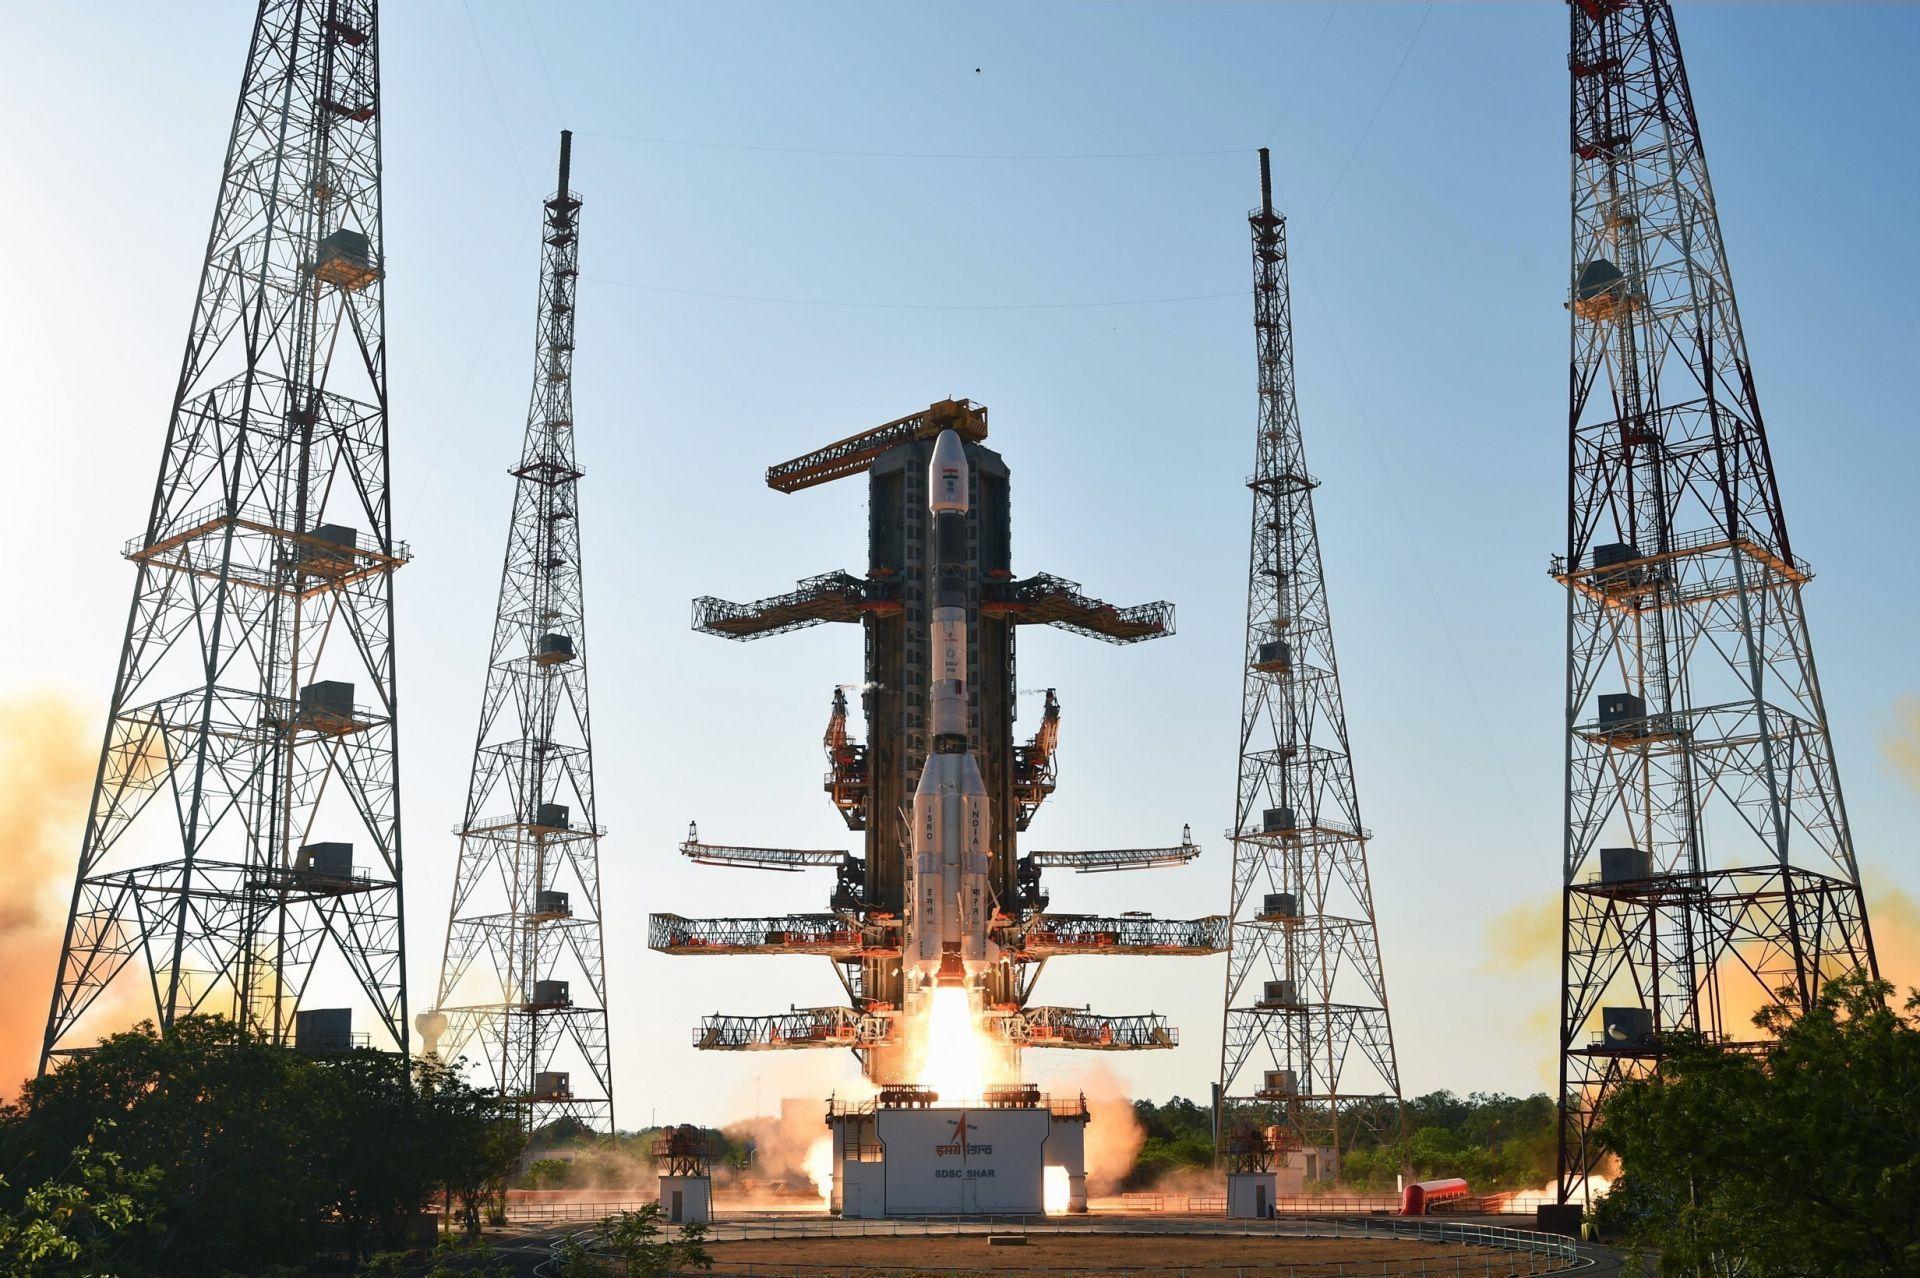 Vehículo GSLV-F09 mientras transporta un satélite de comunicaciones en la segunda plataforma de lanzamiento del Centro Espacial de Sriharikota